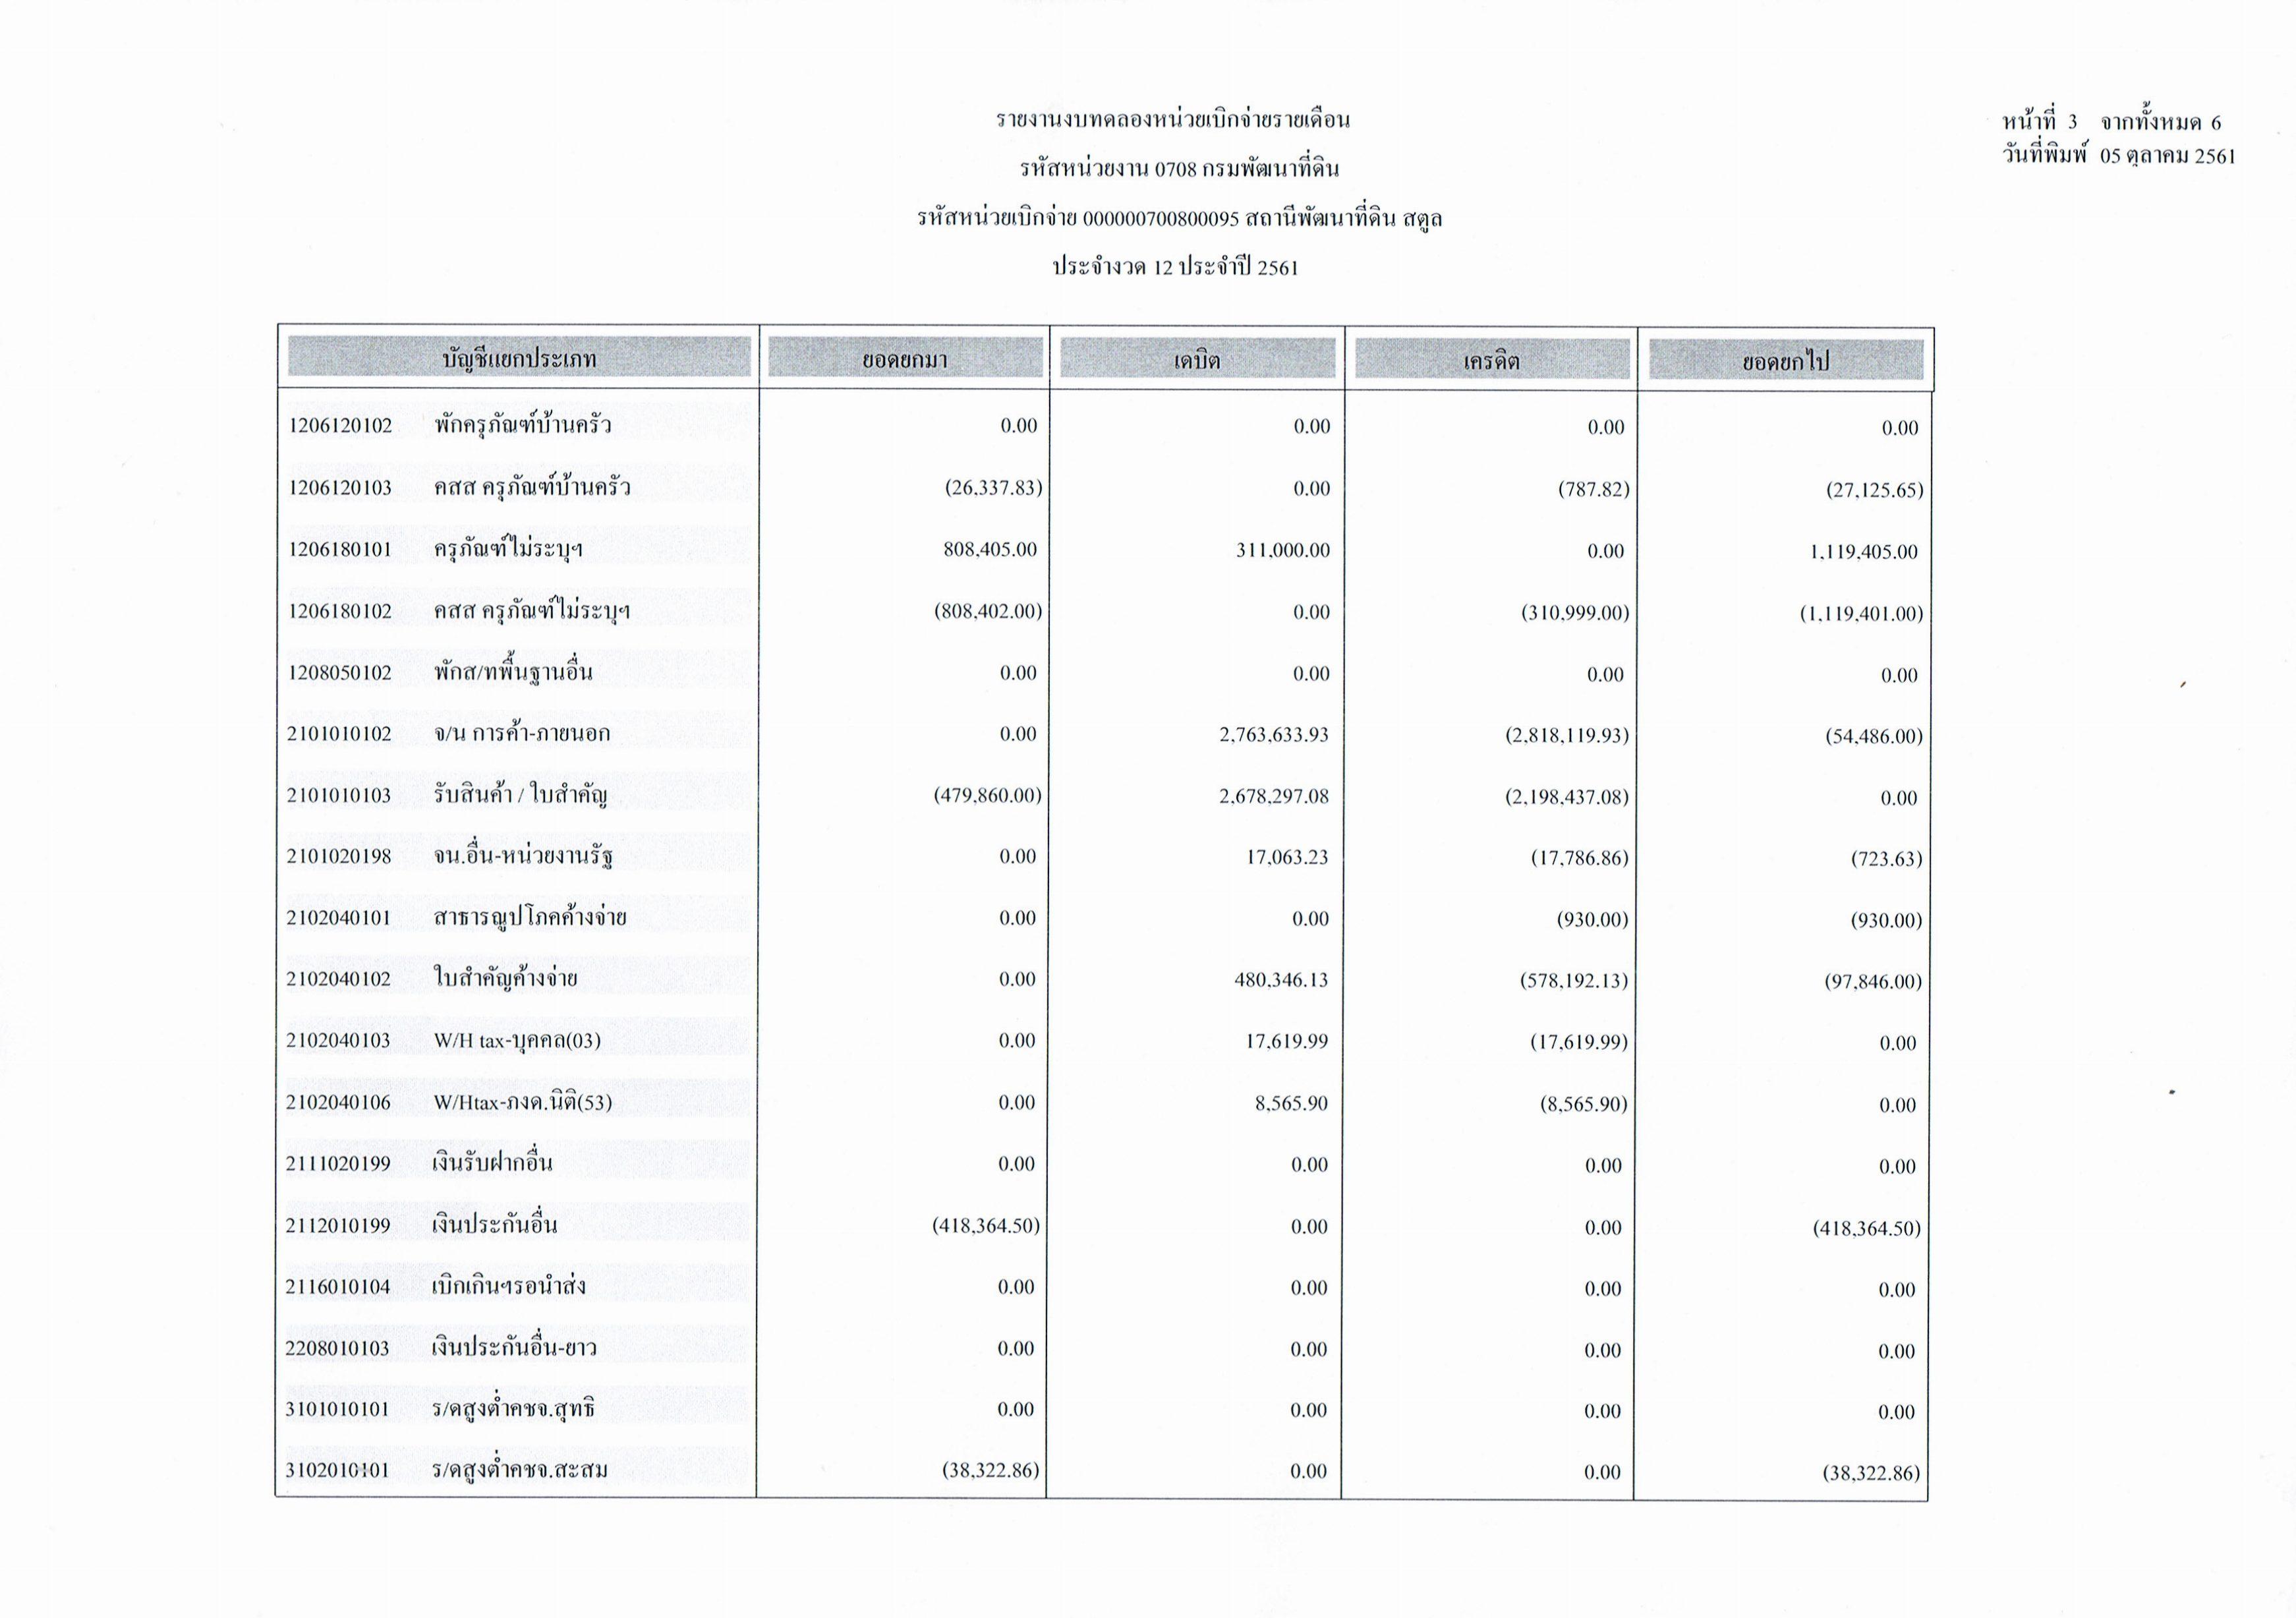 รายงานงบทดลองหน่วยเบิกจ่ายรายเดือนกันยายน ประจำงวด 12 ประจำปี 2561_3